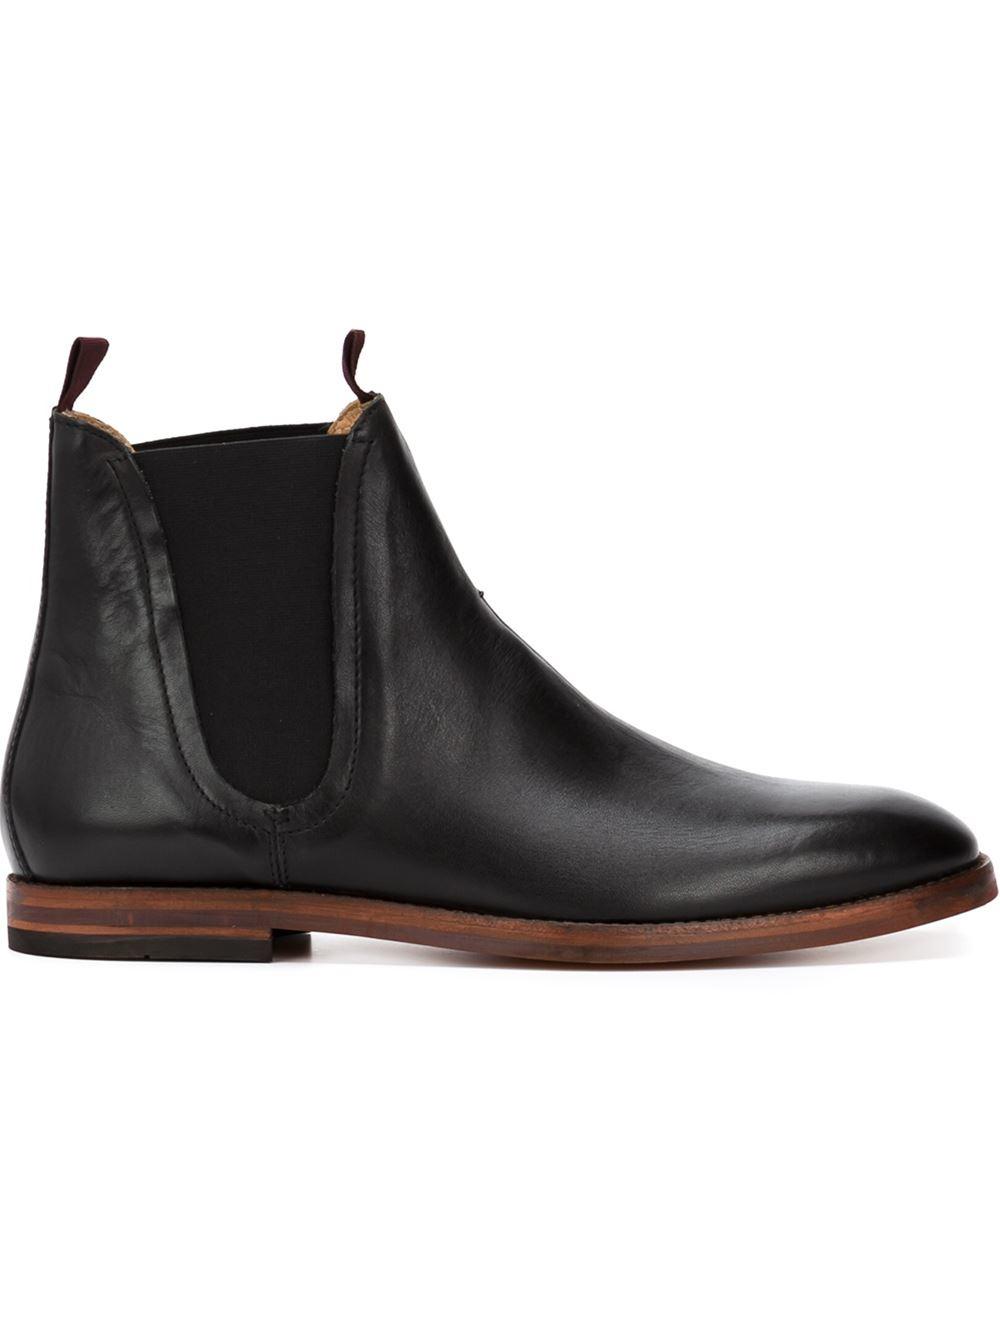 h by hudson 39 tamper 39 chelsea boots in black for men lyst. Black Bedroom Furniture Sets. Home Design Ideas